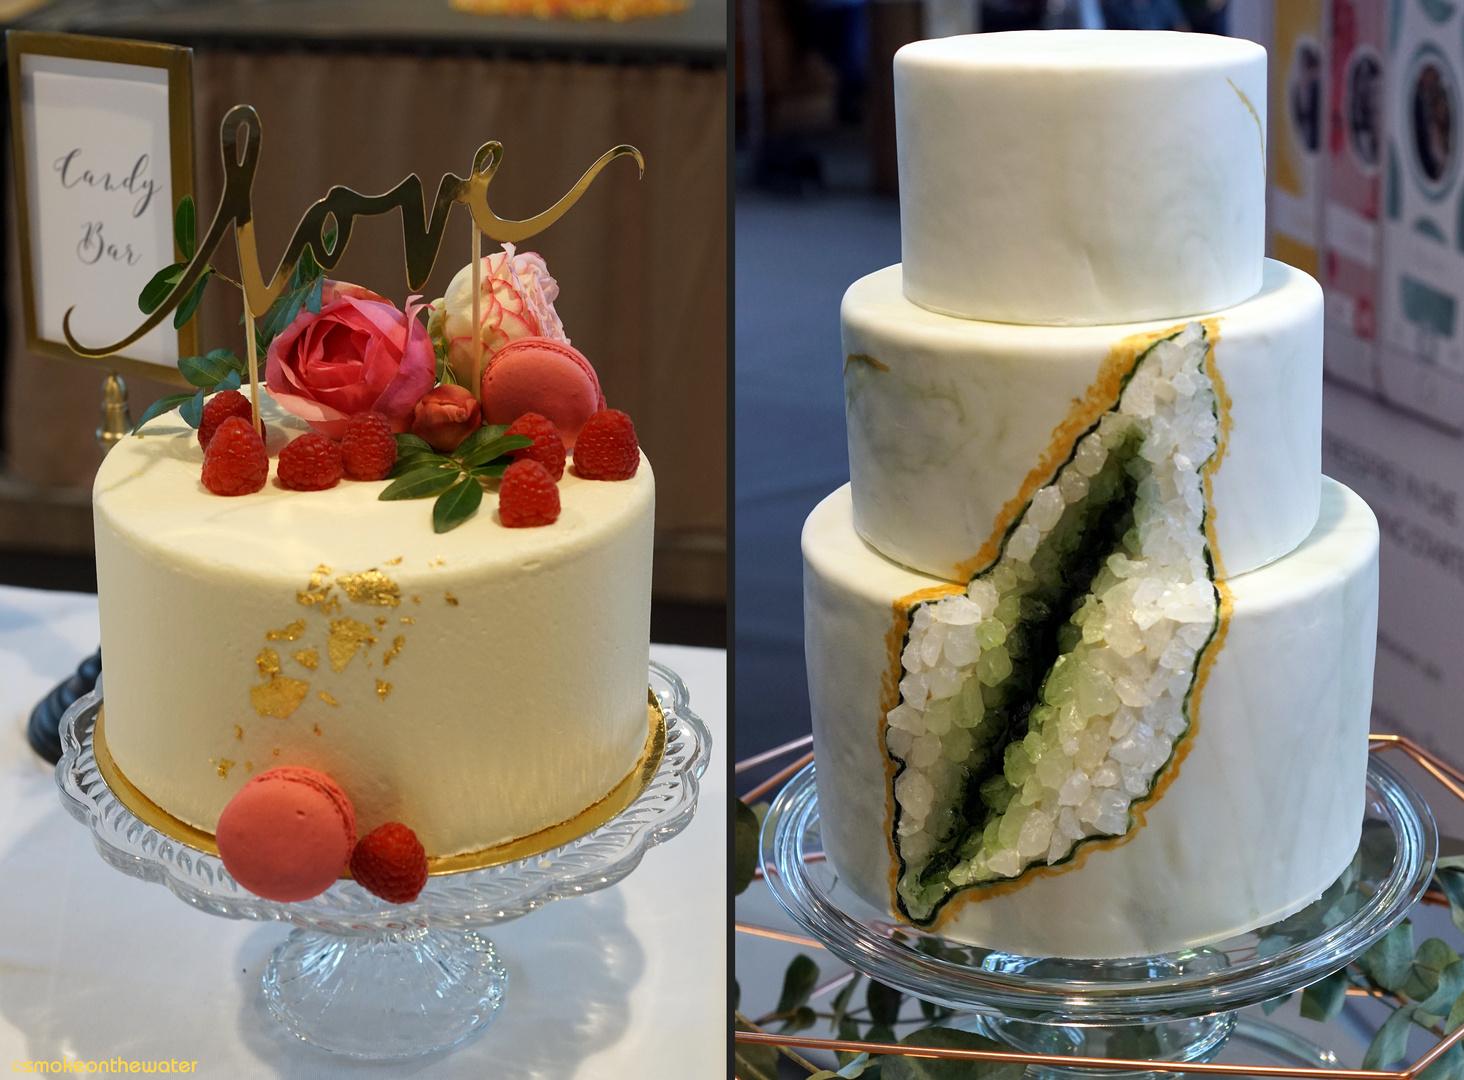 Gold Und Edelstein Auf Der Hochzeitstorte Foto Bild Wedding